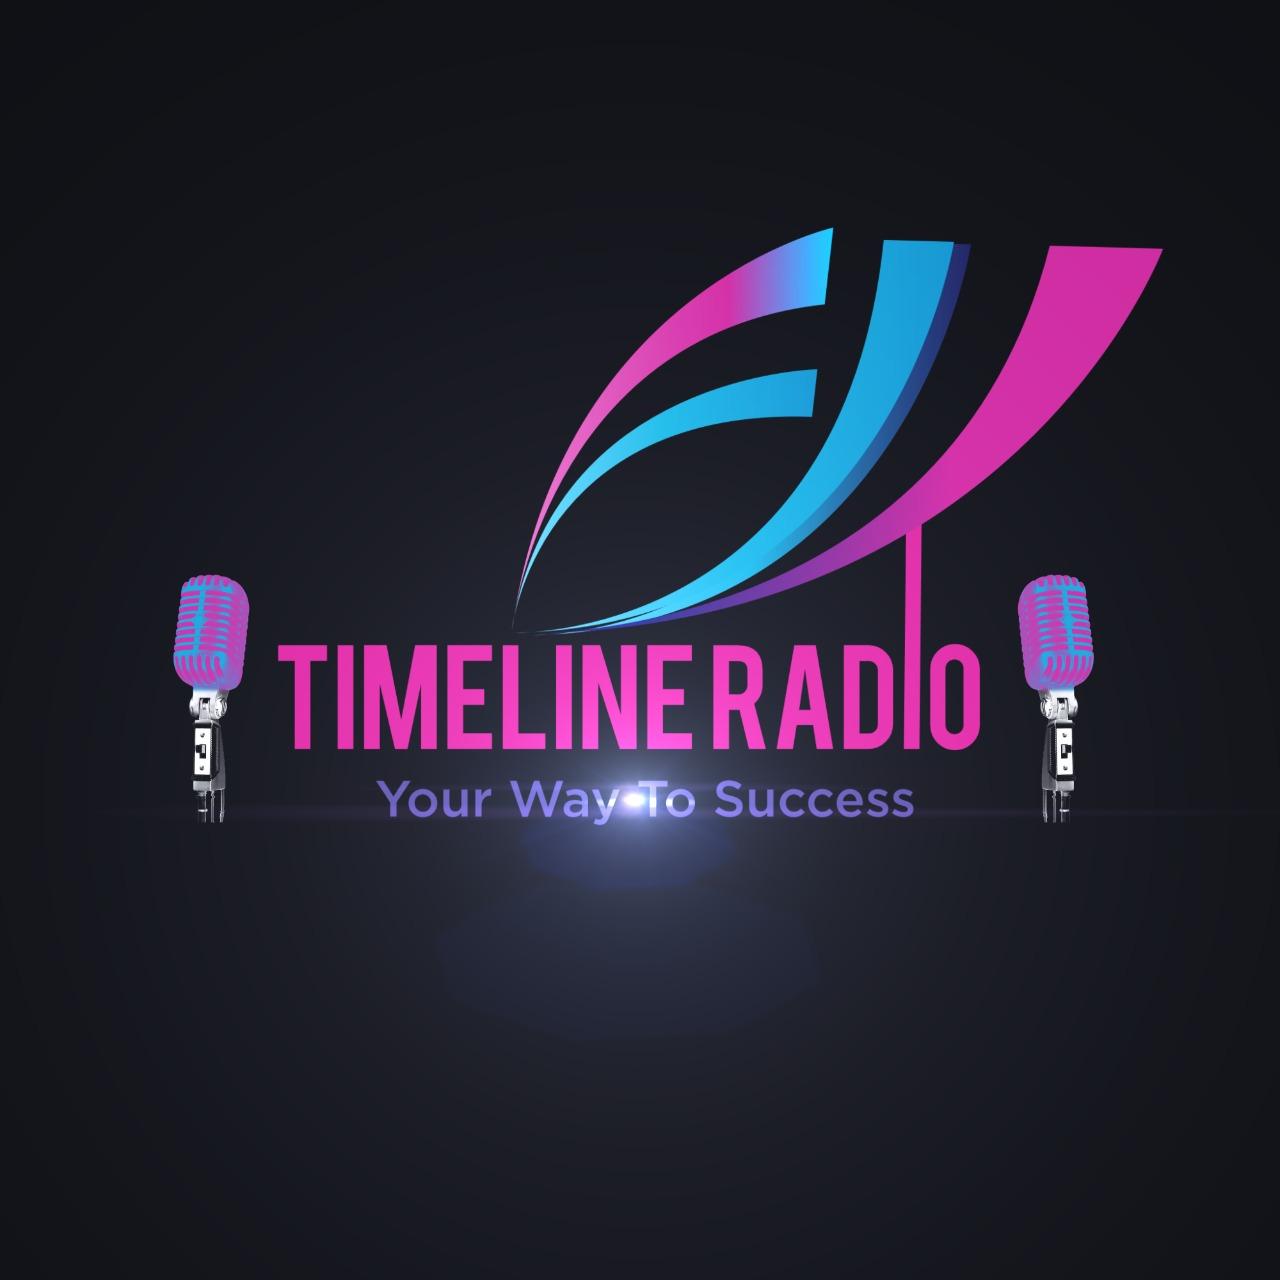 Timeline Radio